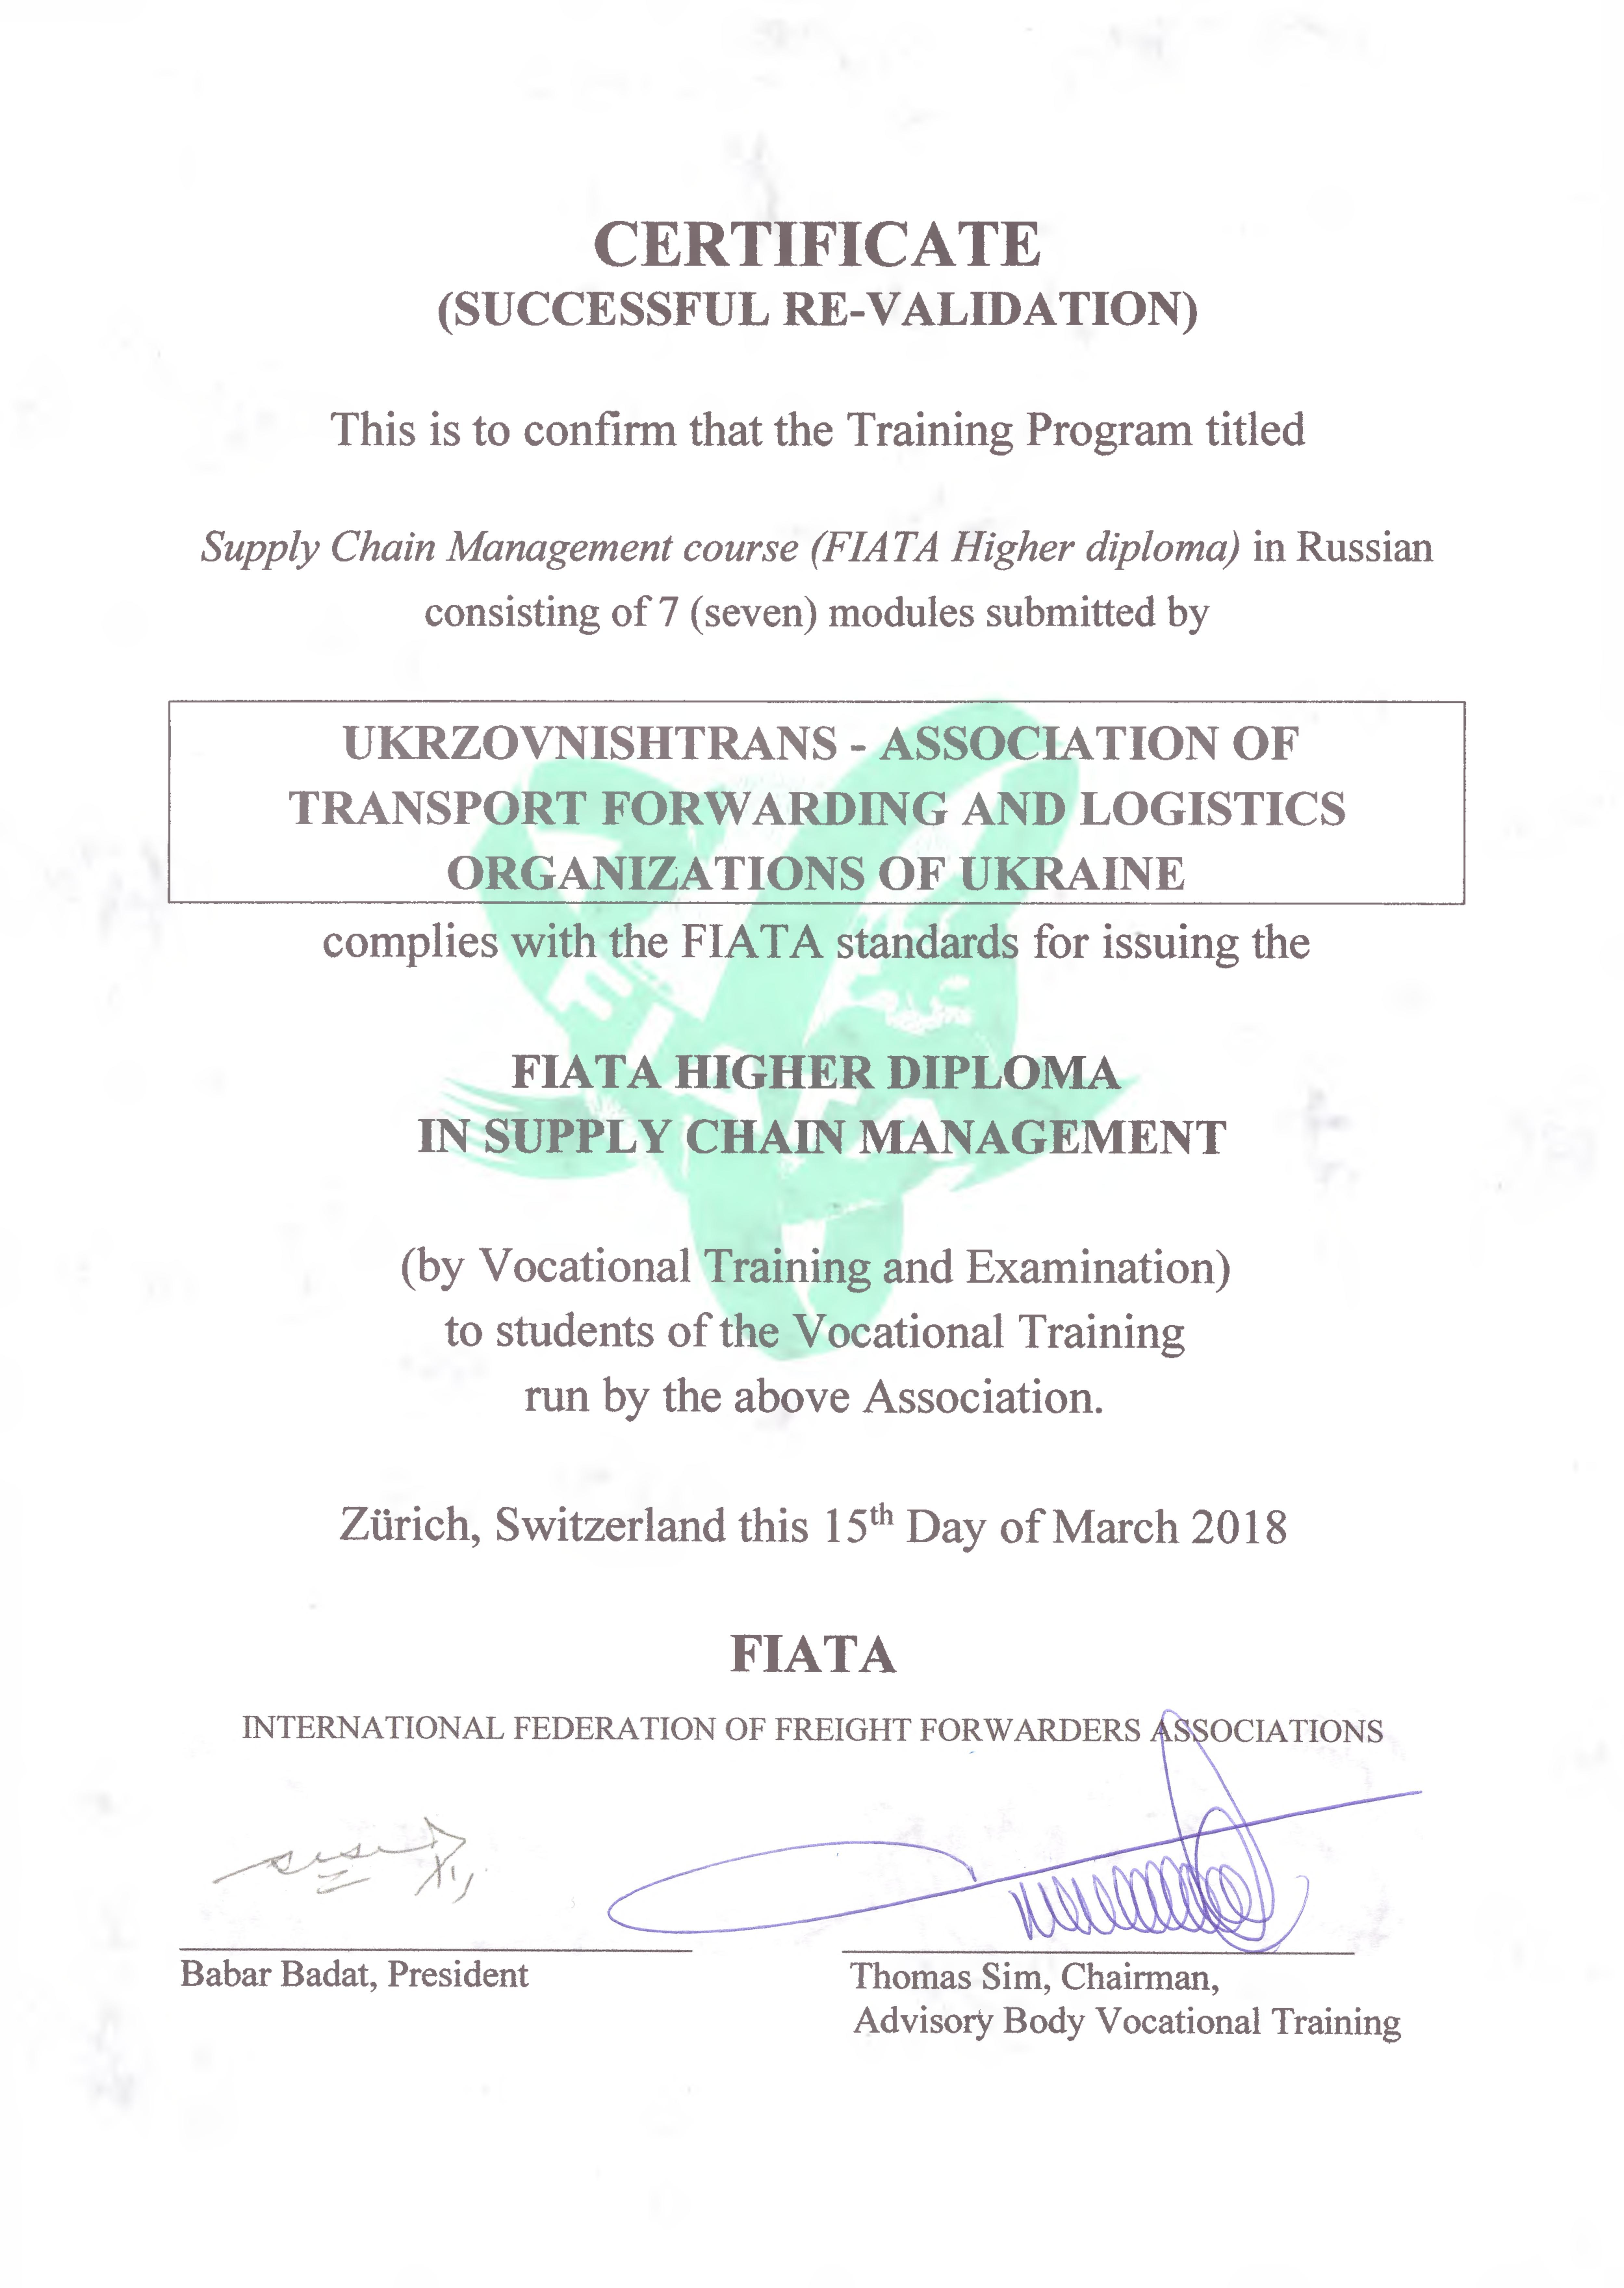 """Диплом, свидетельствующий о повторной защите Ассоциацией """"УВТ"""" программы профессиональной подготовки (Высший Диплом ФИАТА)"""